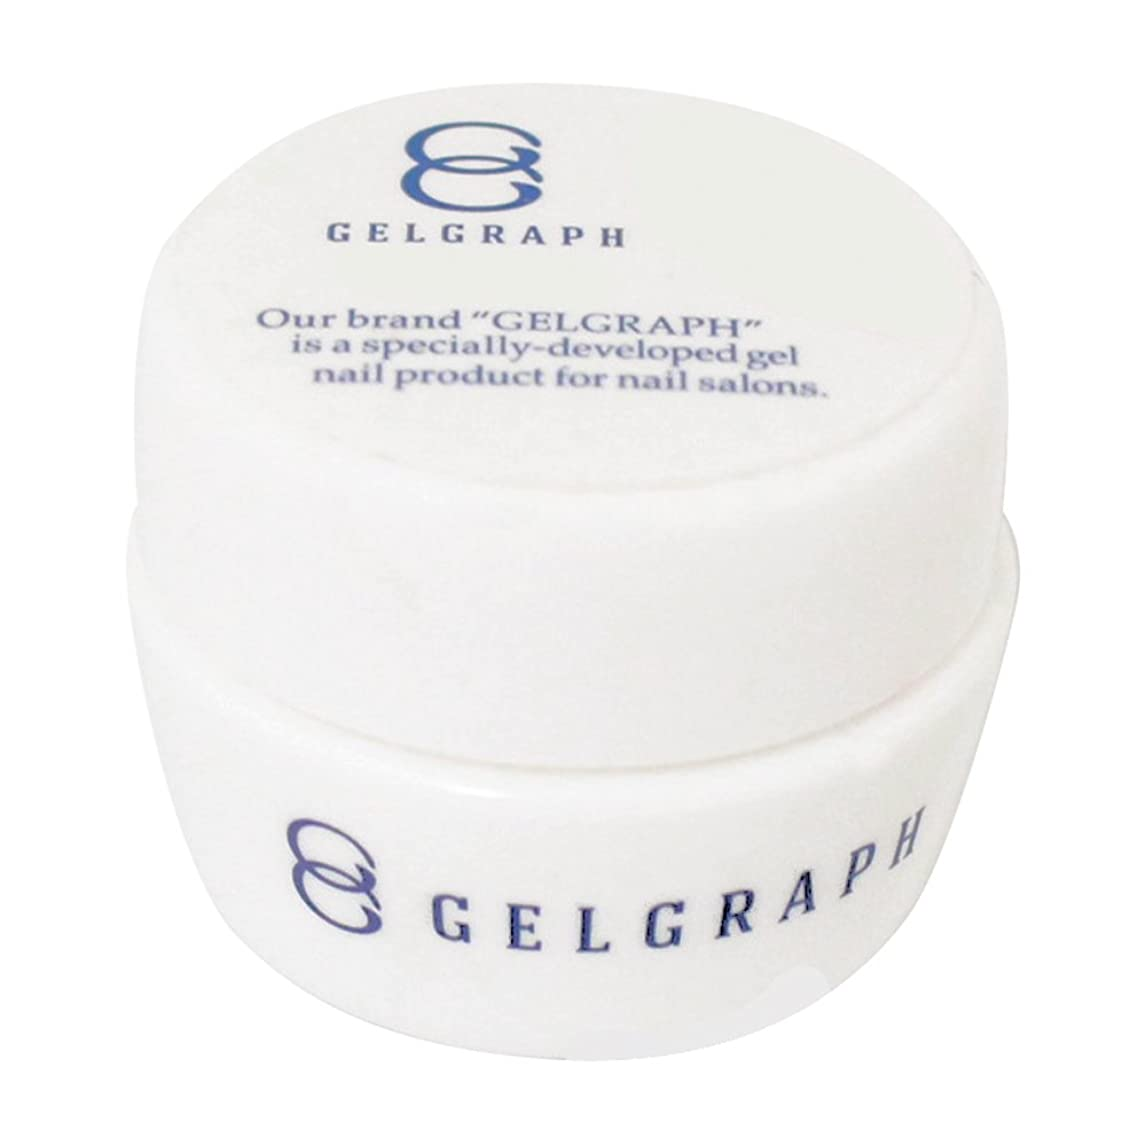 ワイドテレビ局花瓶GELGRAPH カラージェル 144M ライラック ショコラ 5g UV/LED対応 ソークオフジェル